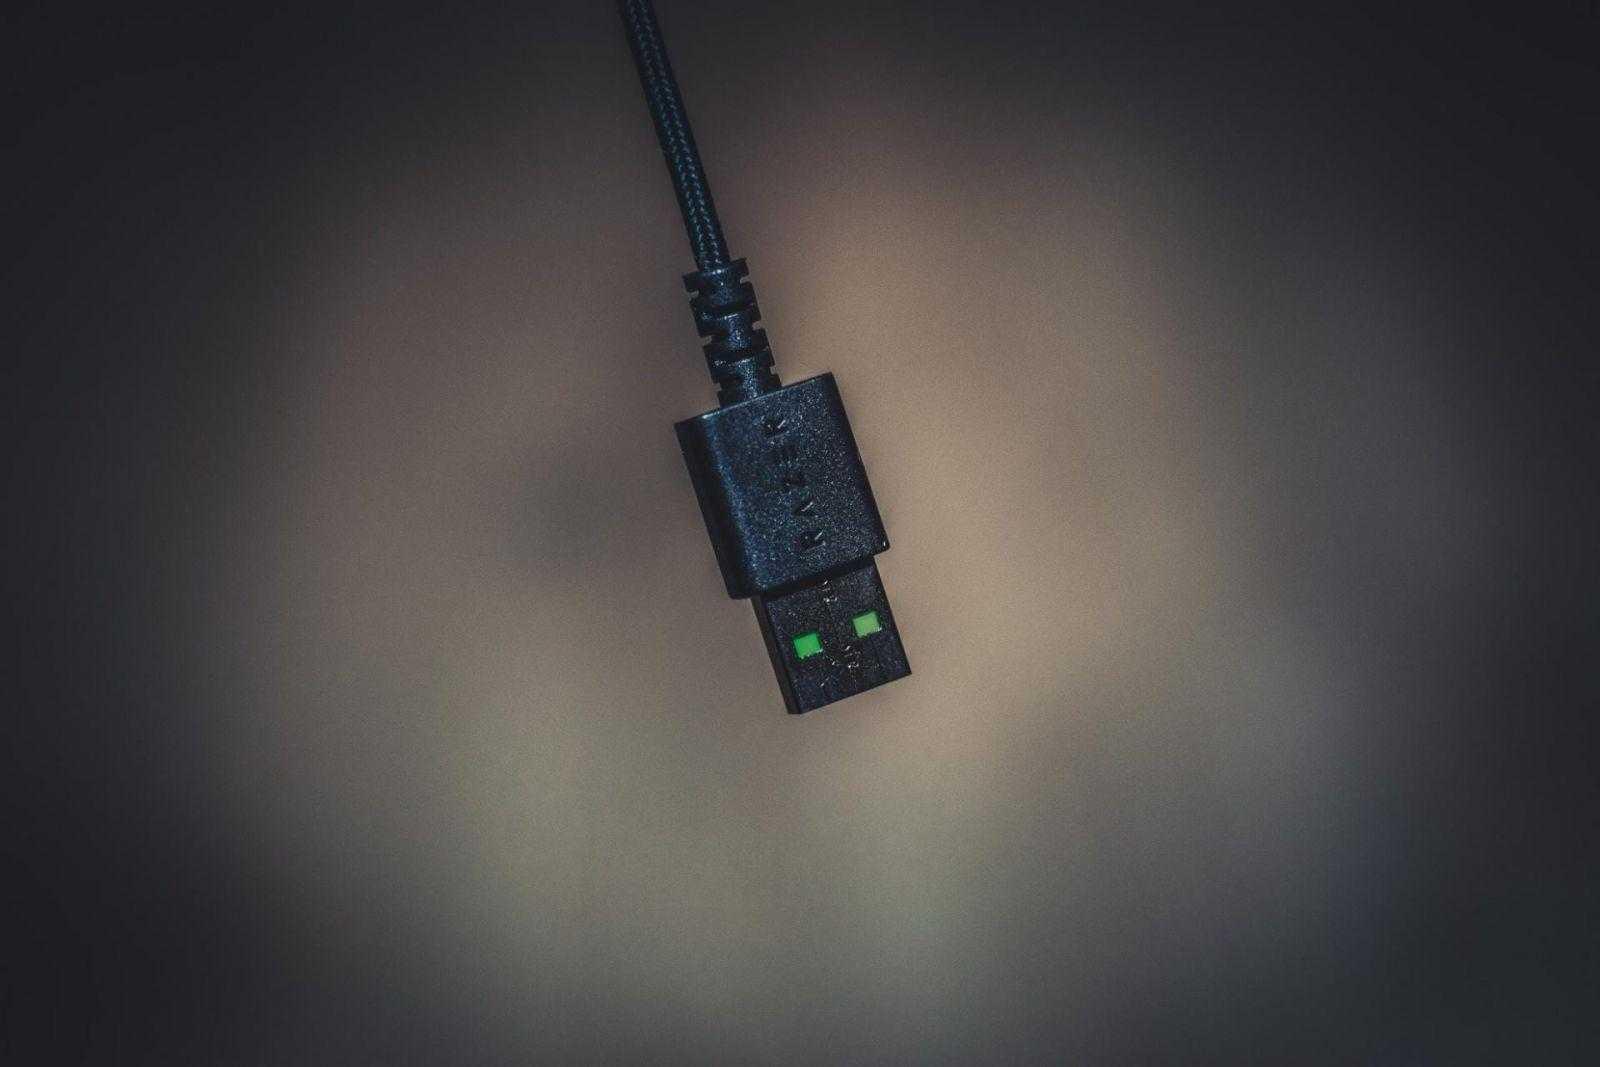 Провод и разъём Razer Naga Trinity